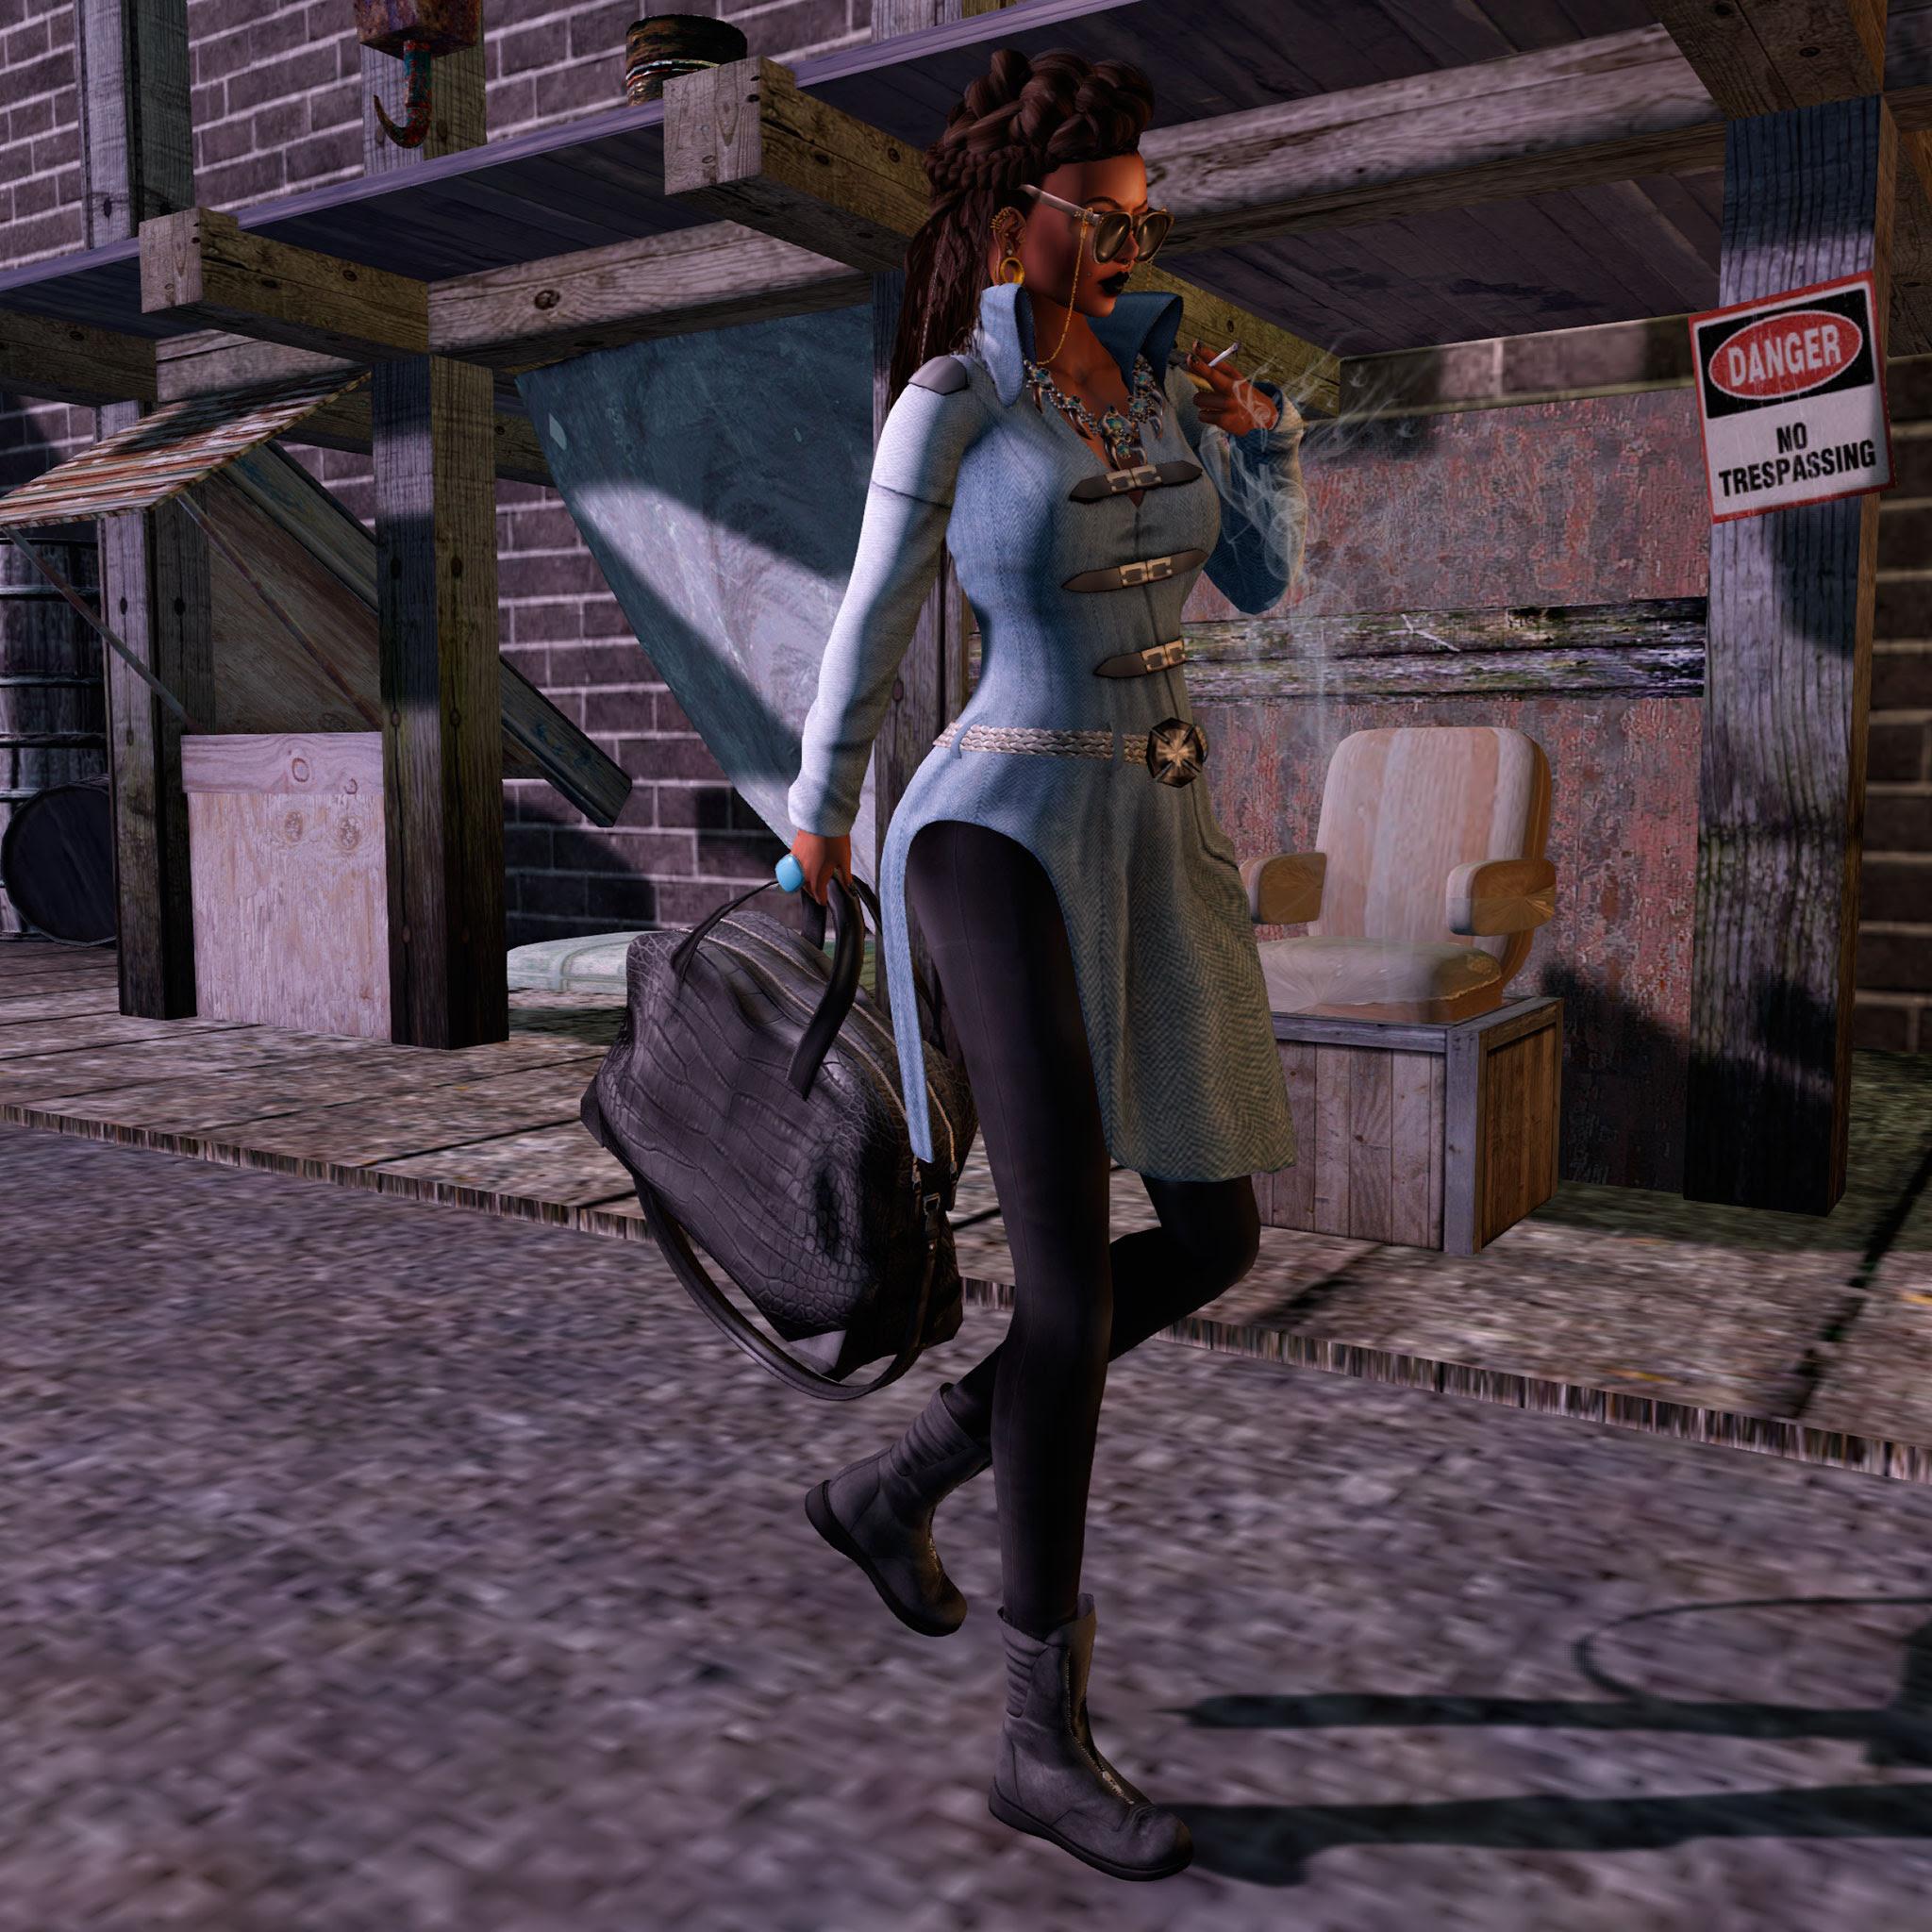 LOTD- Miss urban VI returns